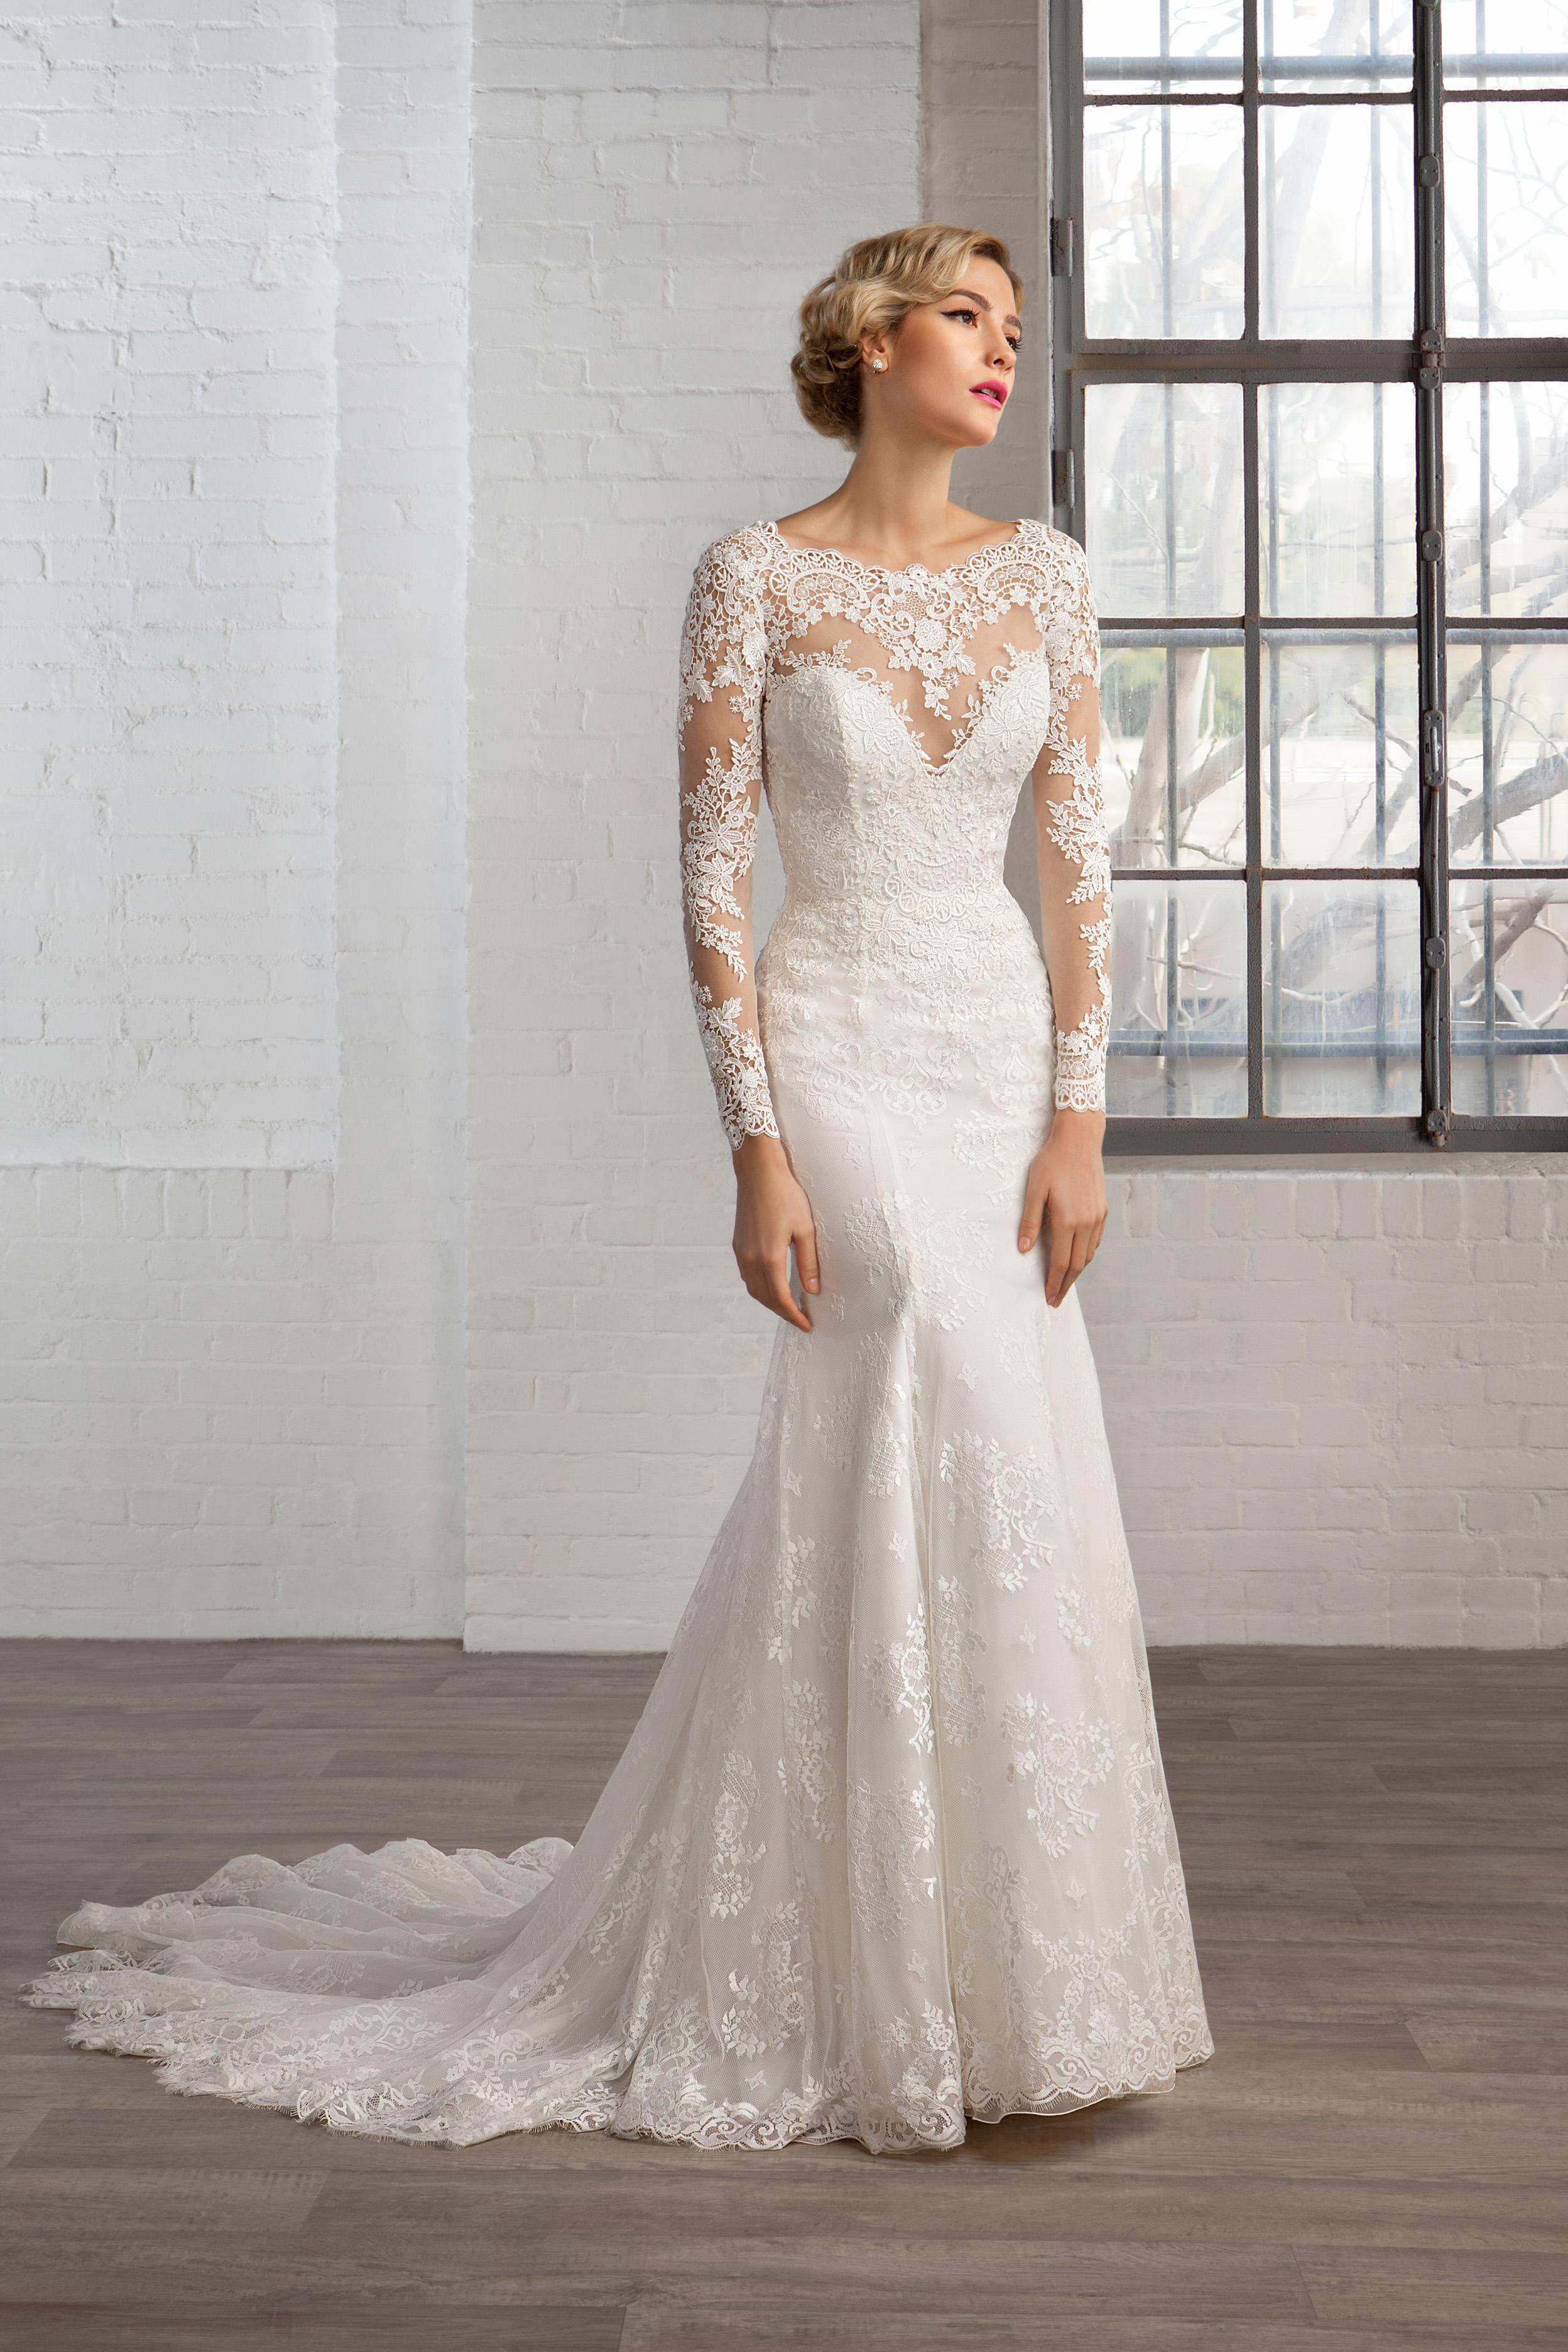 776b4d456e2 Je veux trouver une belle robe de soirée coloré ou élégante pas cher ICI Robe  mariée 2016 dentelle